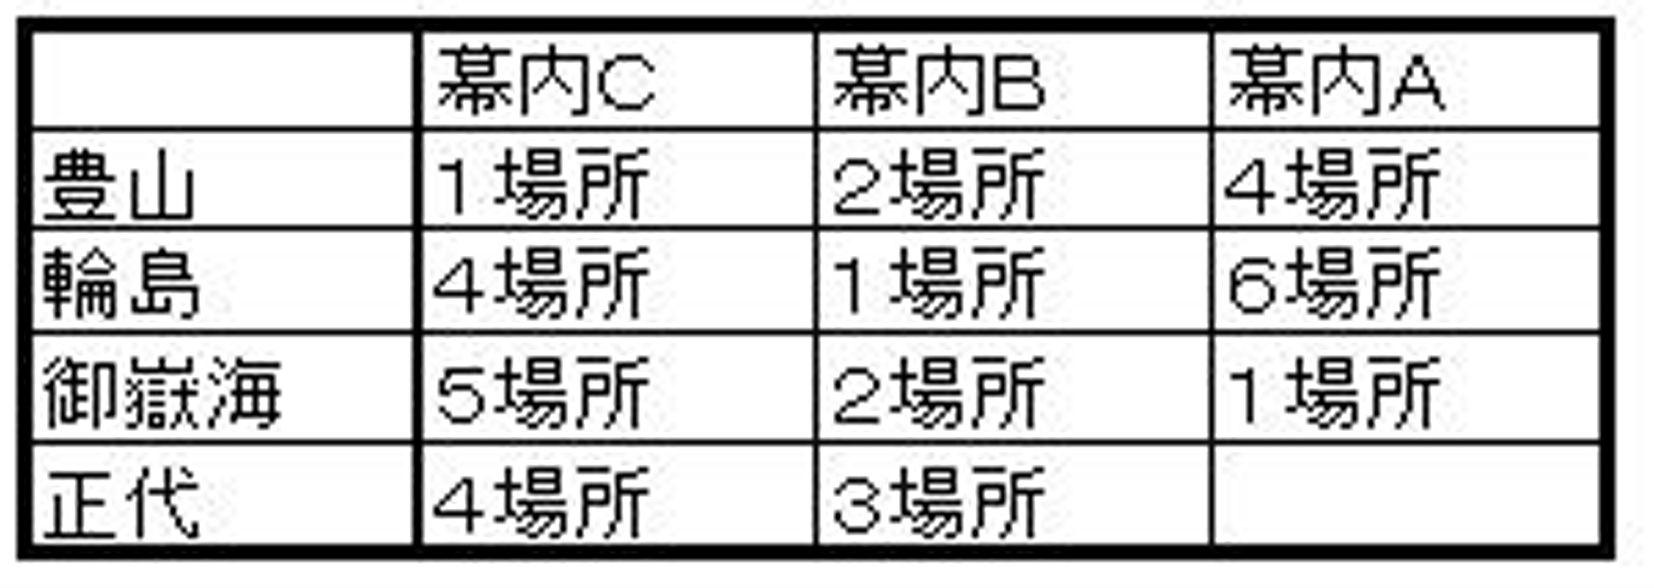 御嶽正代3A